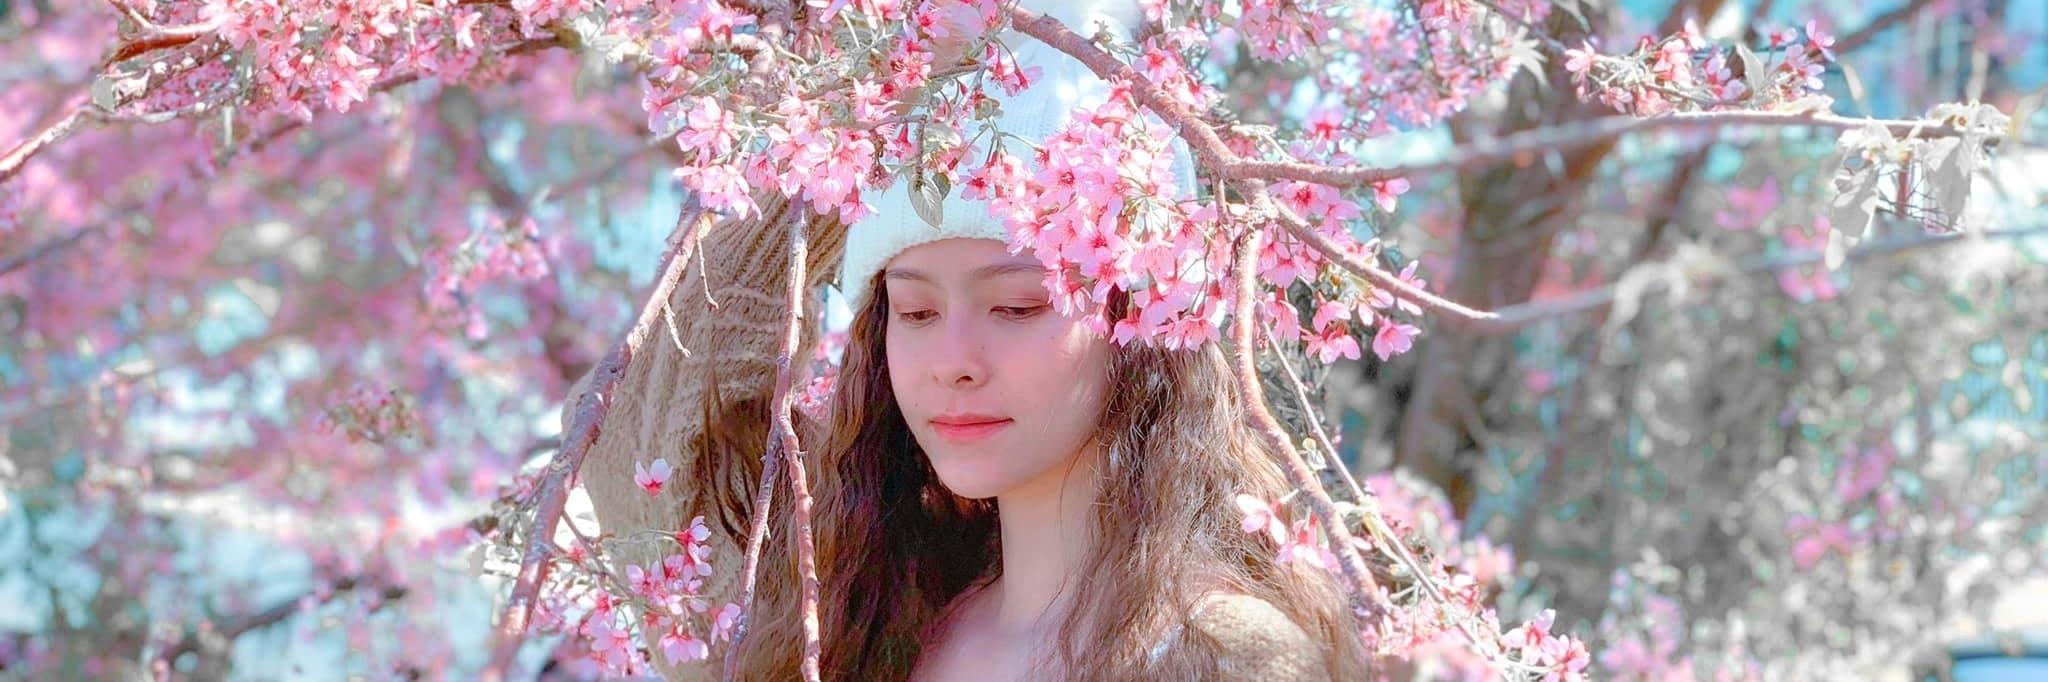 https://gody.vn/blog/dien8164/post/tong-hop-nhung-diem-san-mai-anh-dao-dep-nhat-da-lat-2020-6221